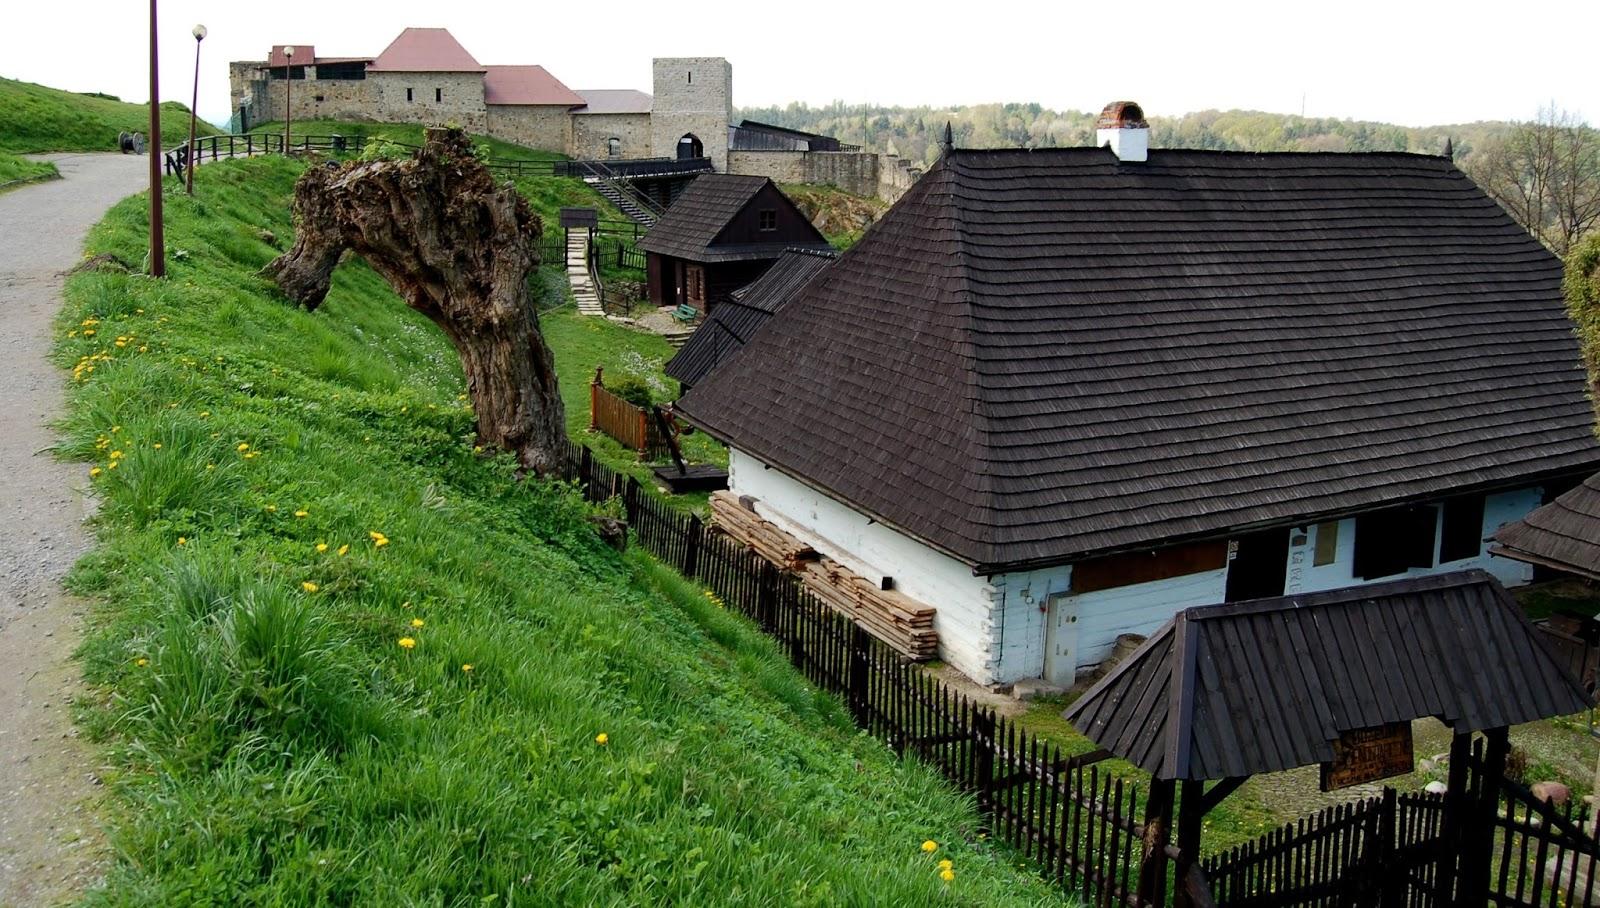 Szlakiem skansenów … Zamek i skansen w Dobczycach DOBCZYCE